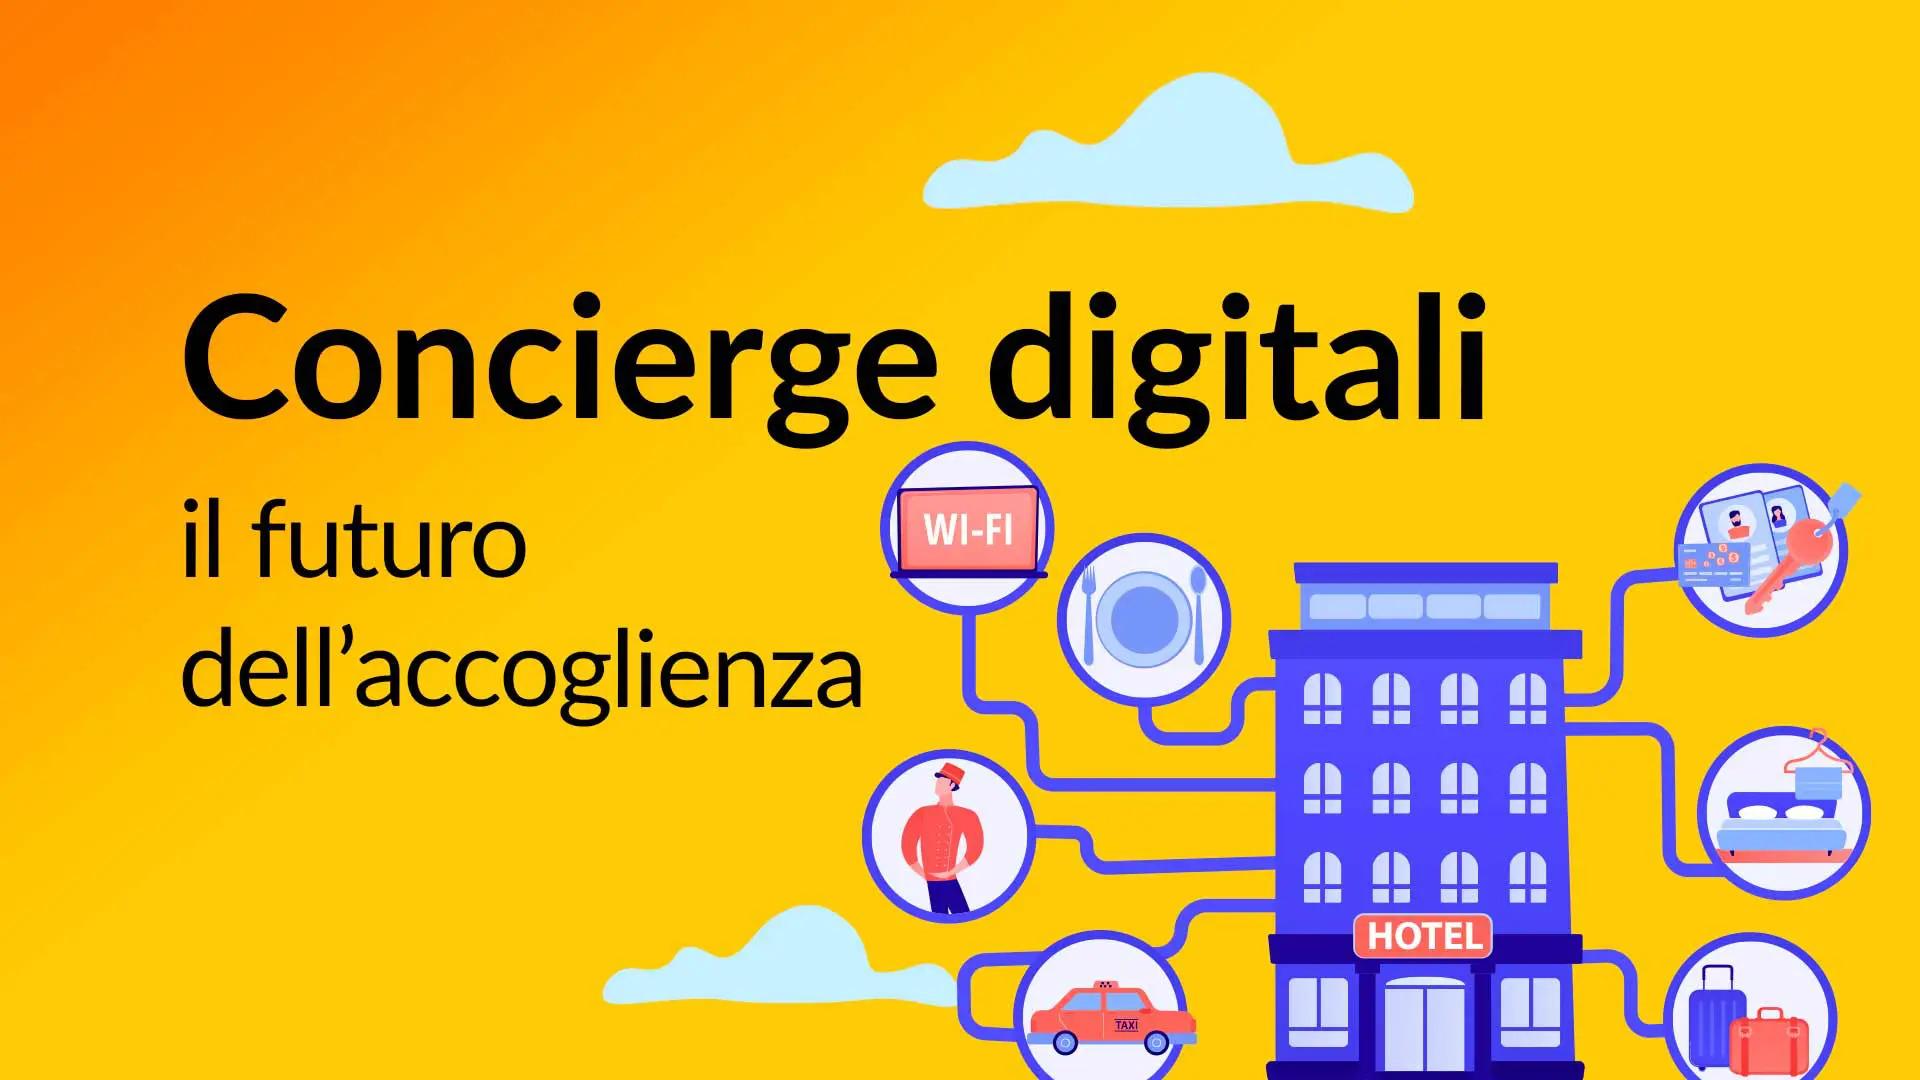 Concierge digitali, cosa sono e vantaggi